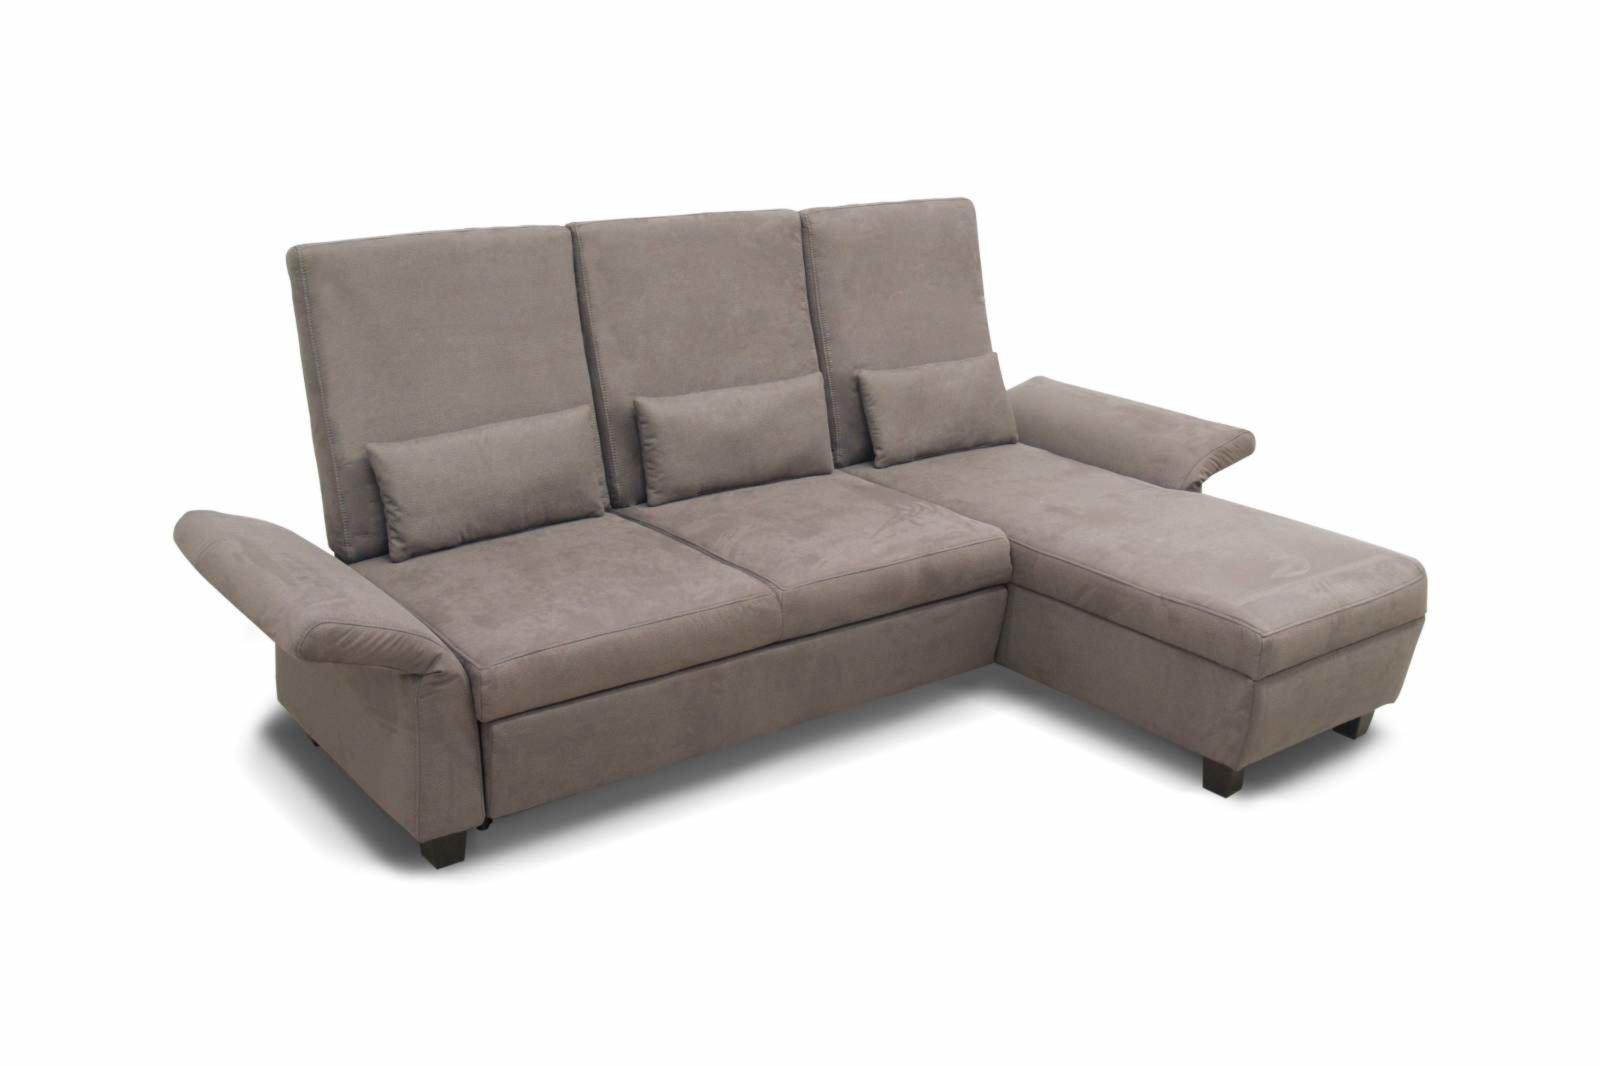 polsterecke schlamm braun kopfteilverstellung. Black Bedroom Furniture Sets. Home Design Ideas